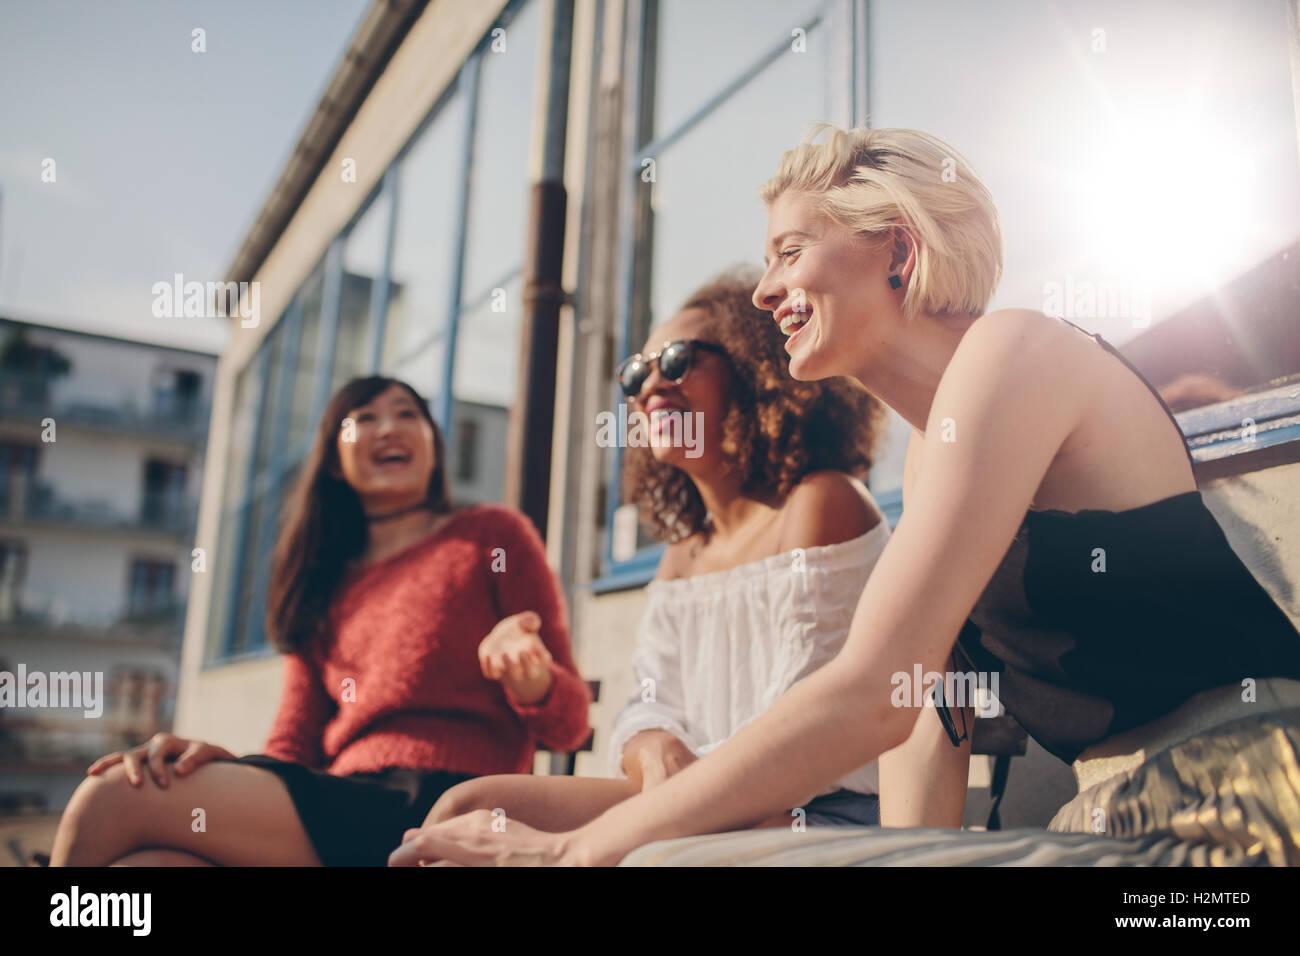 Groupe d'amies s'amuser tout en étant assis au café en plein air. Trois jeunes femmes assises Photo Stock